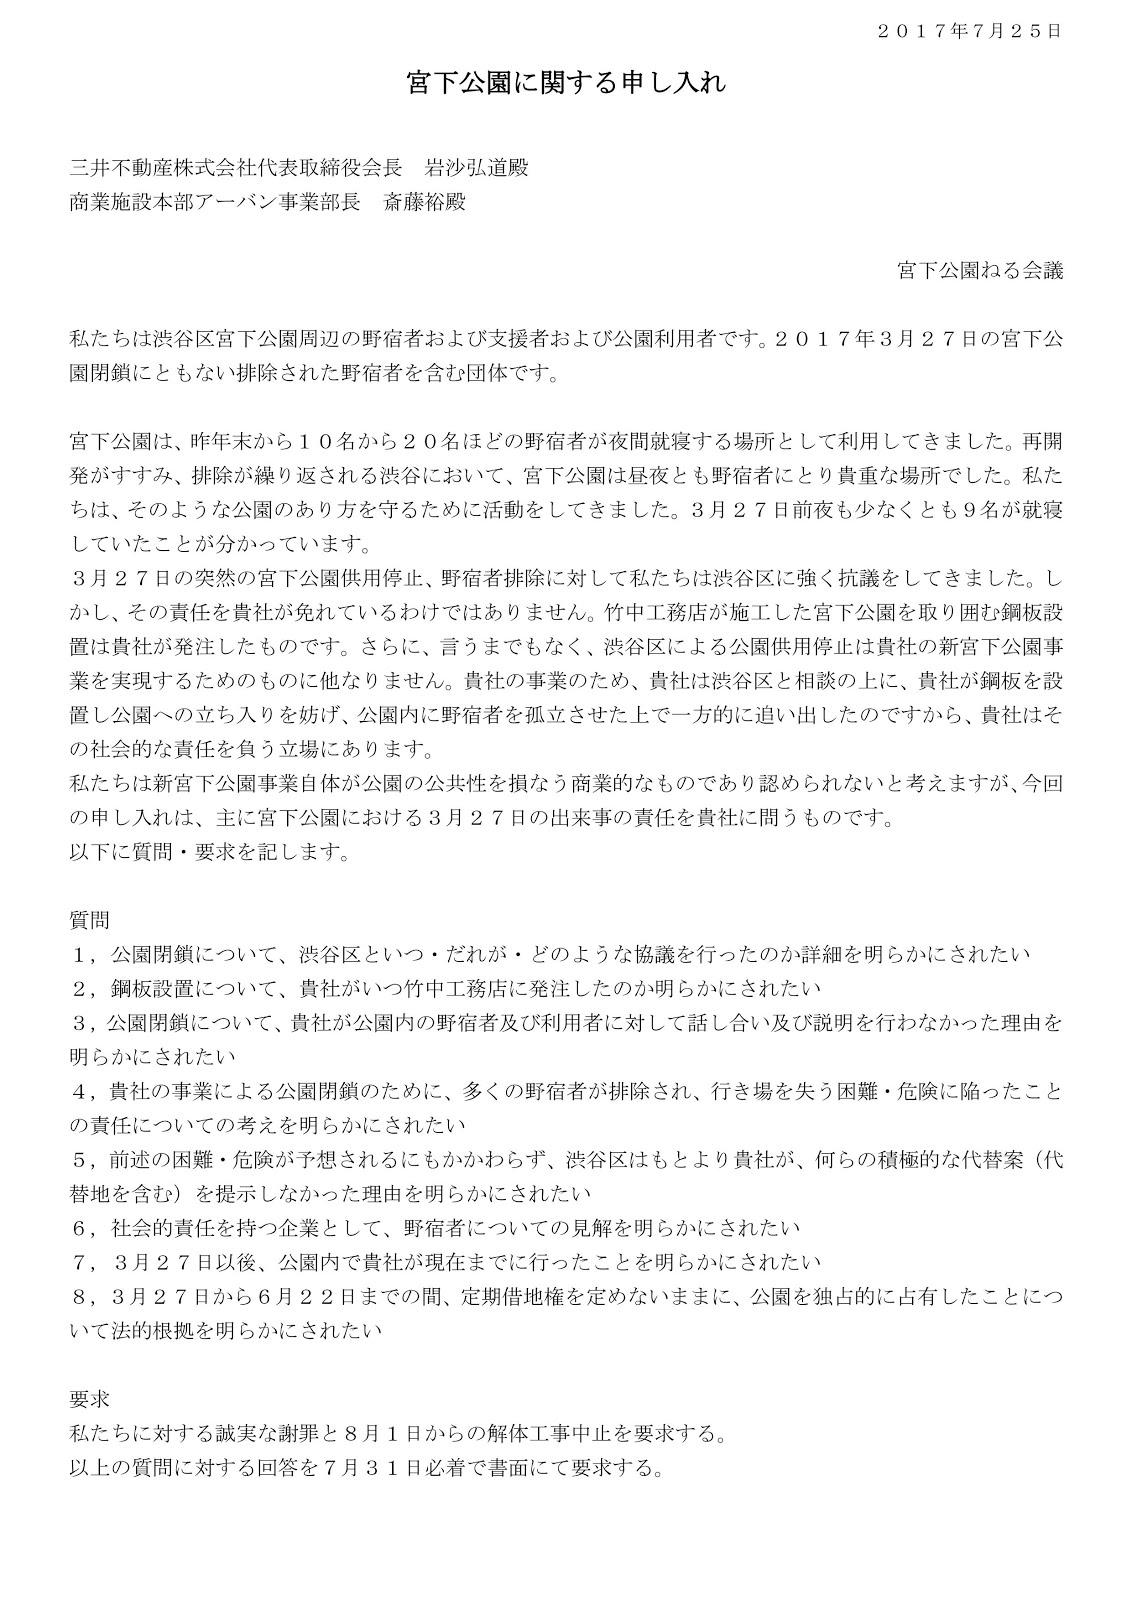 三井不動産への申入書(2017年7月25日)